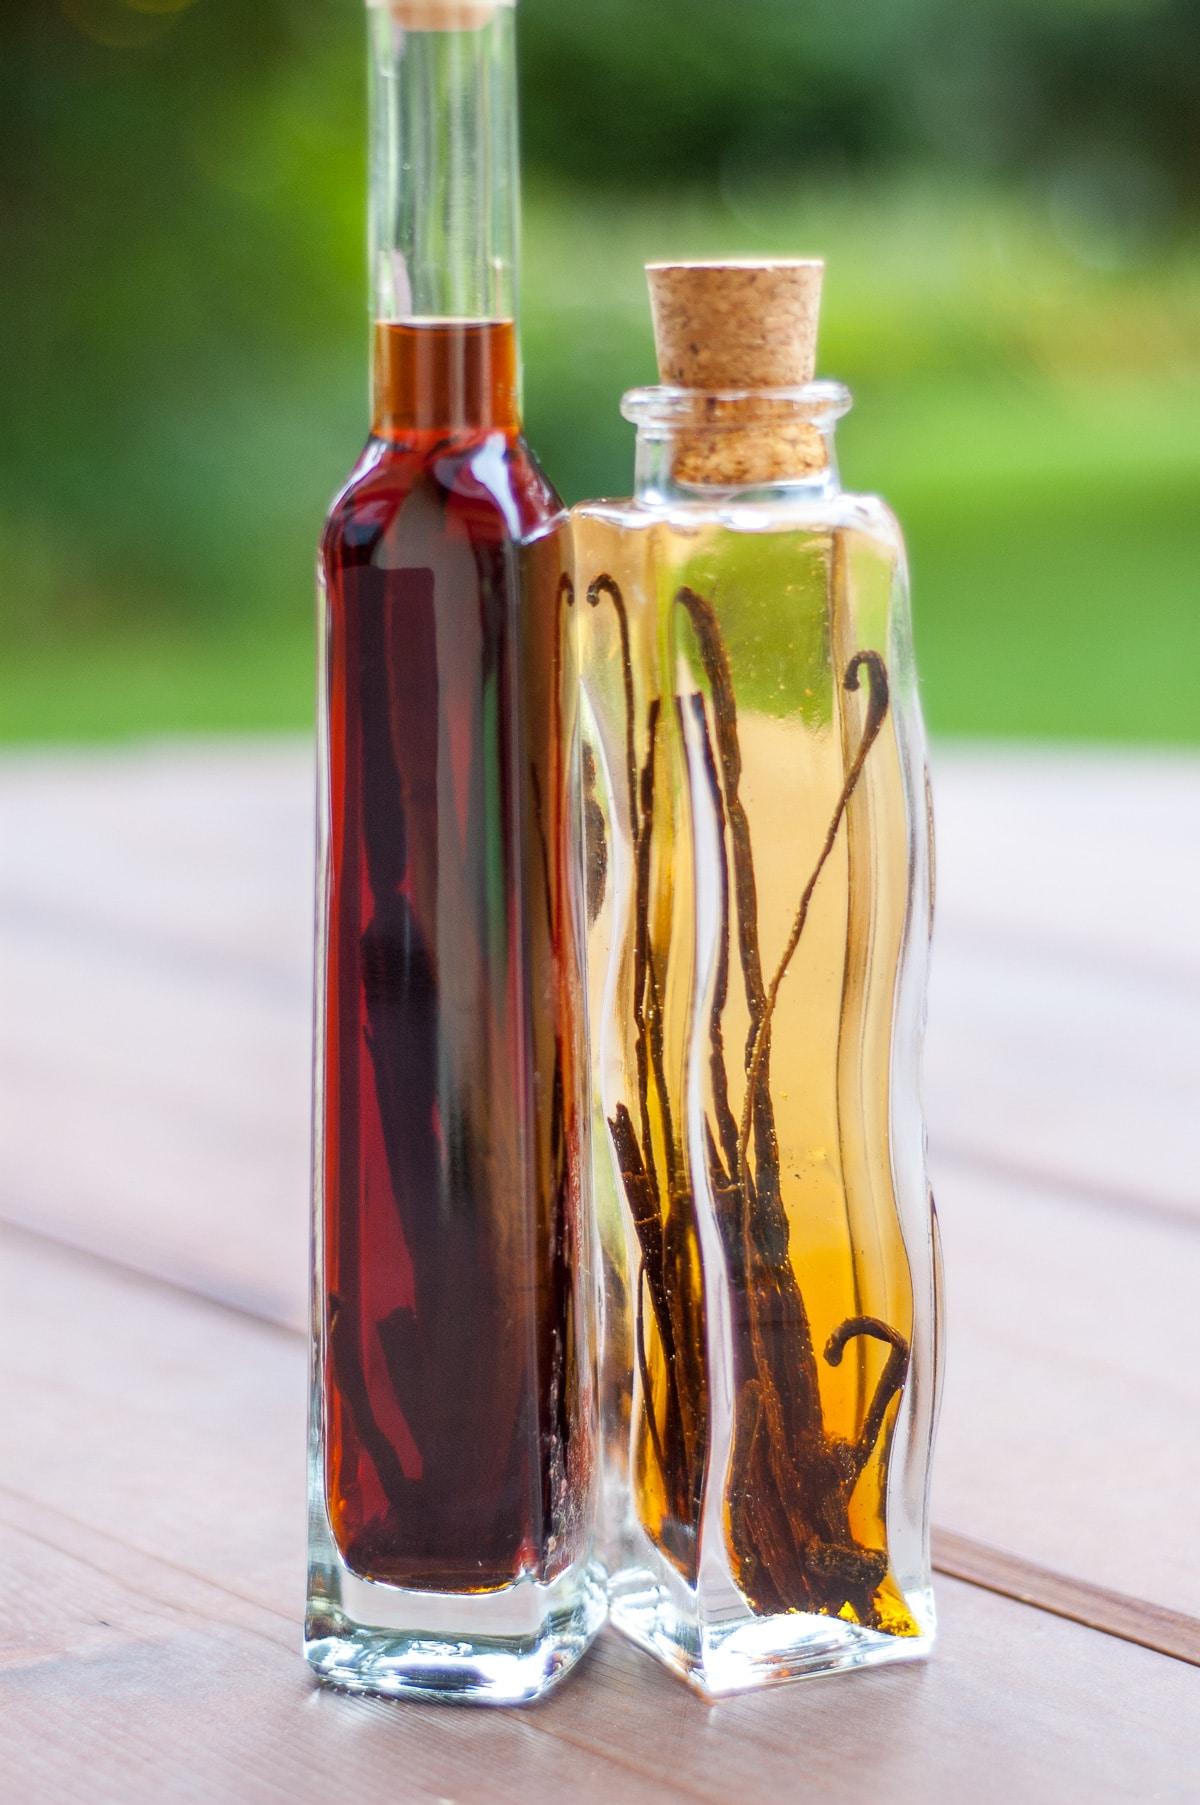 ekstrakt w buteleczkach